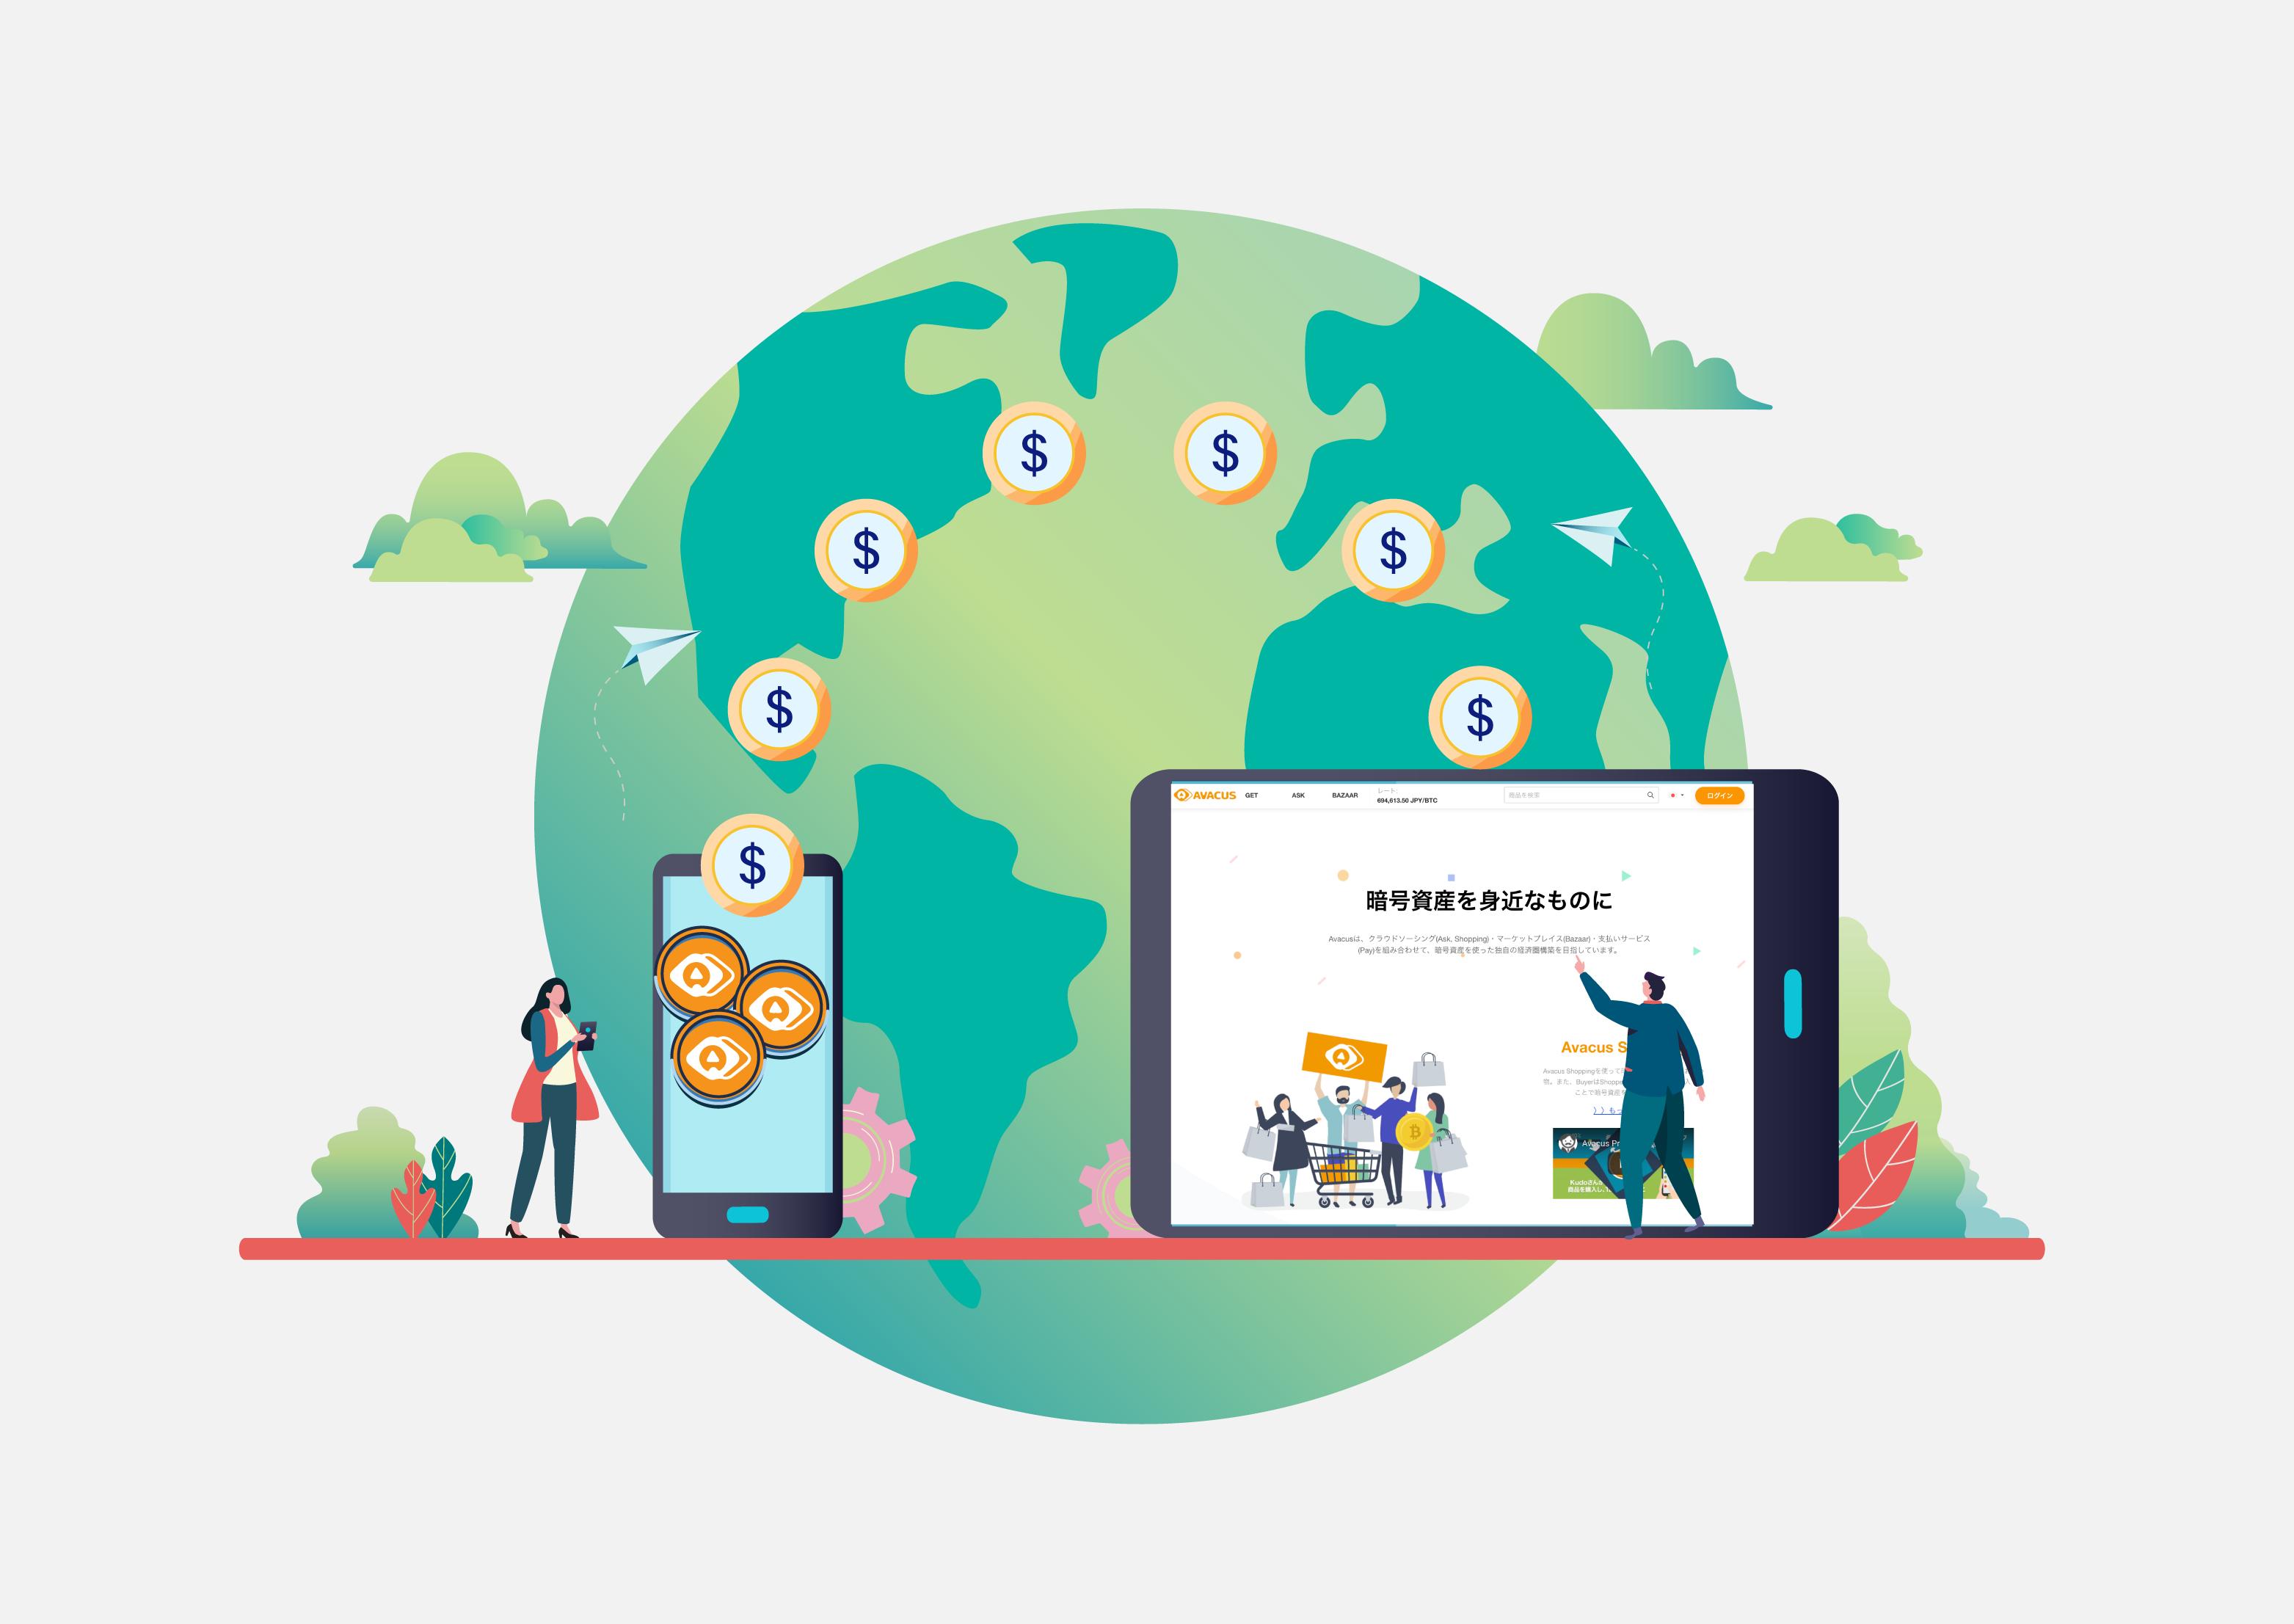 Avacus、新型コロナウィルスと戦う世界保険機関(WHO)への寄付を暗号資産でサポート 画像